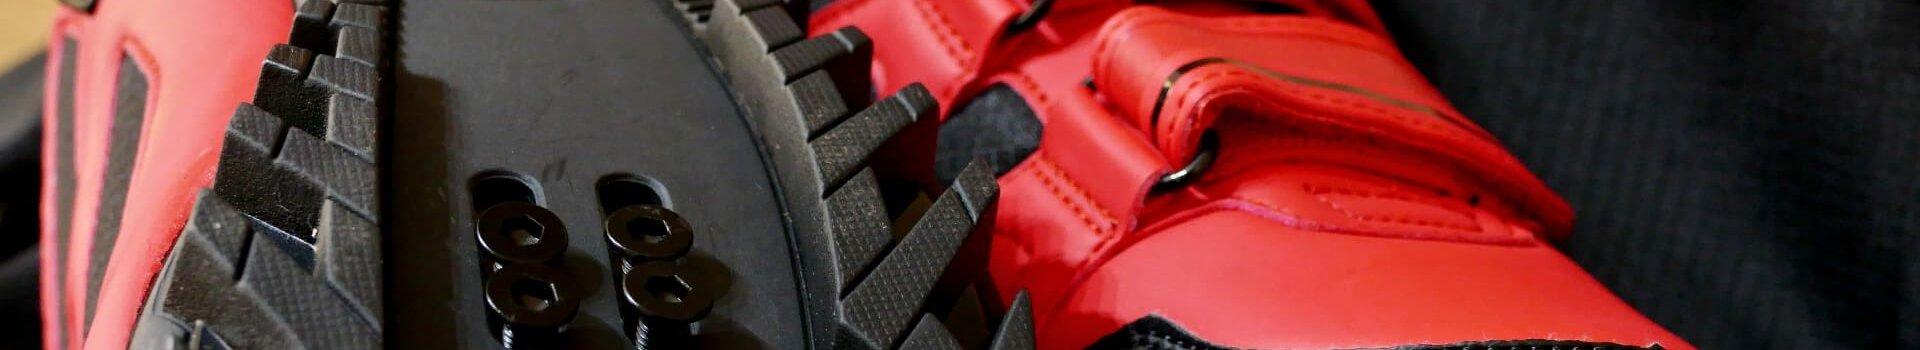 Czy buty rowerowe to niezbędny zakup?